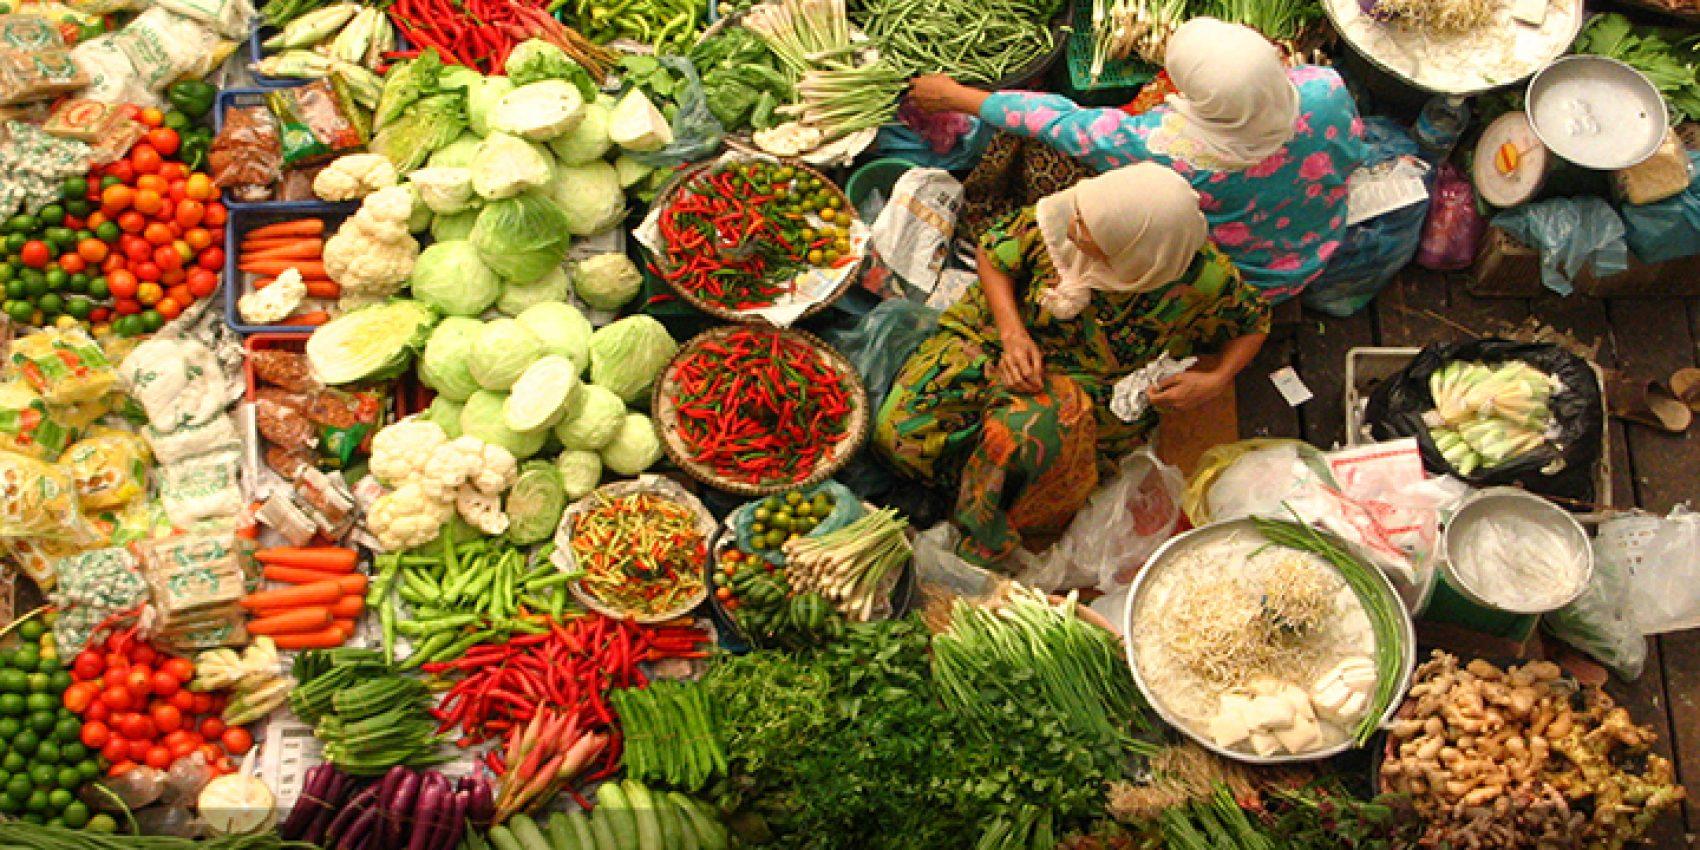 Central market in Kota Bharu